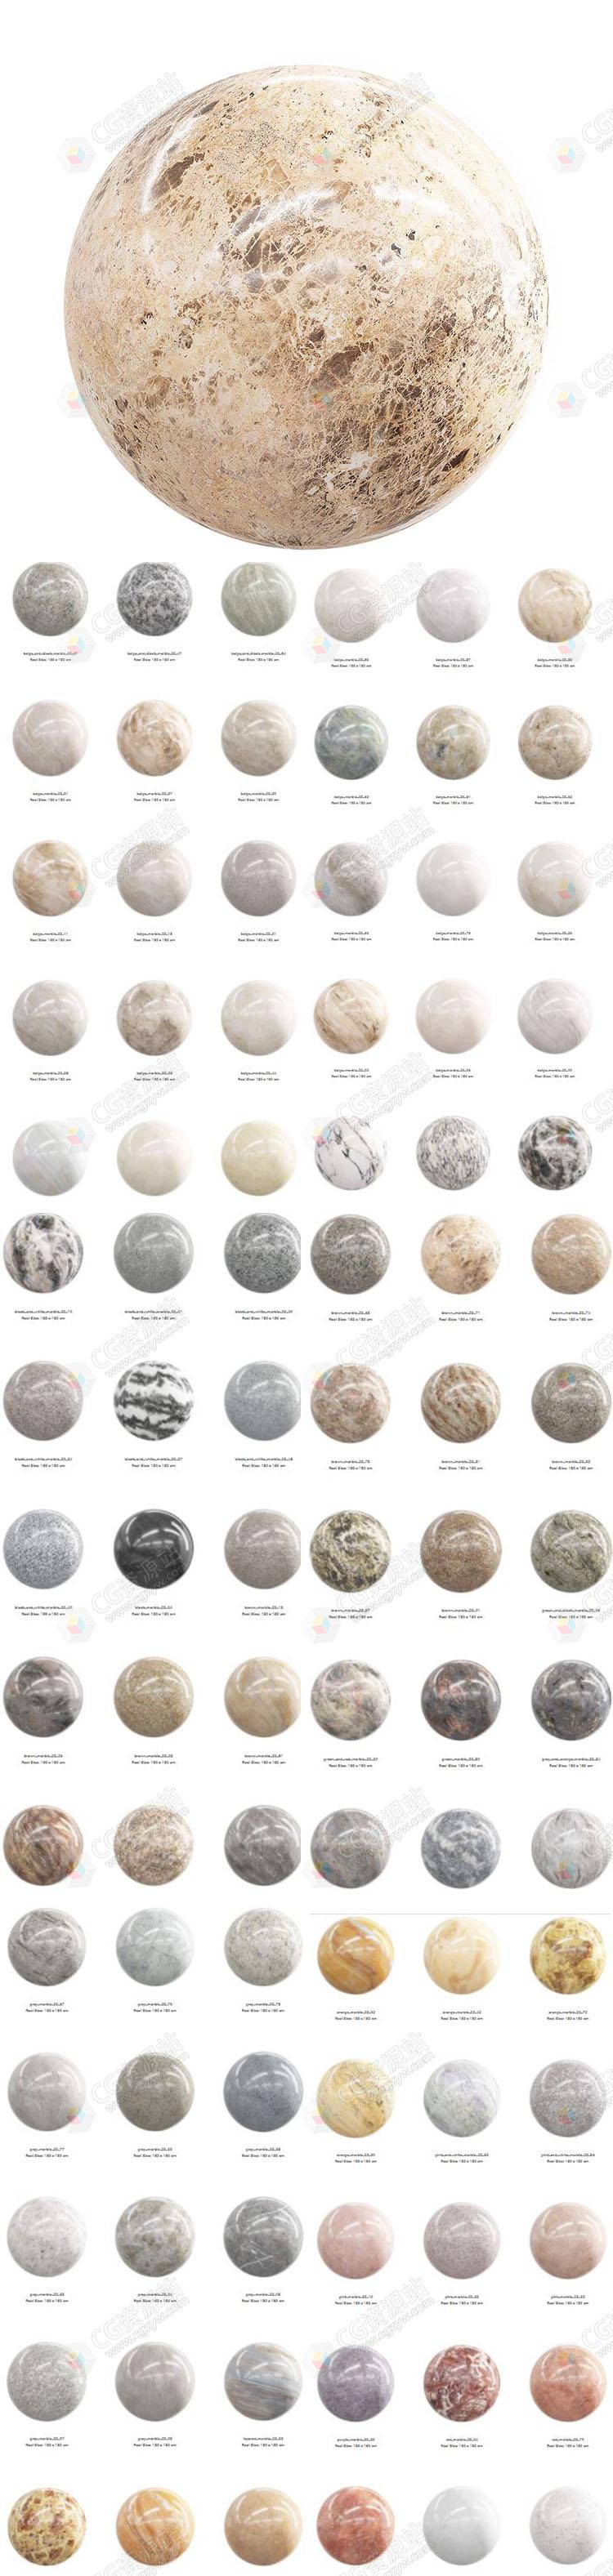 100组大理石PBR纹理贴图CGAxis第23卷